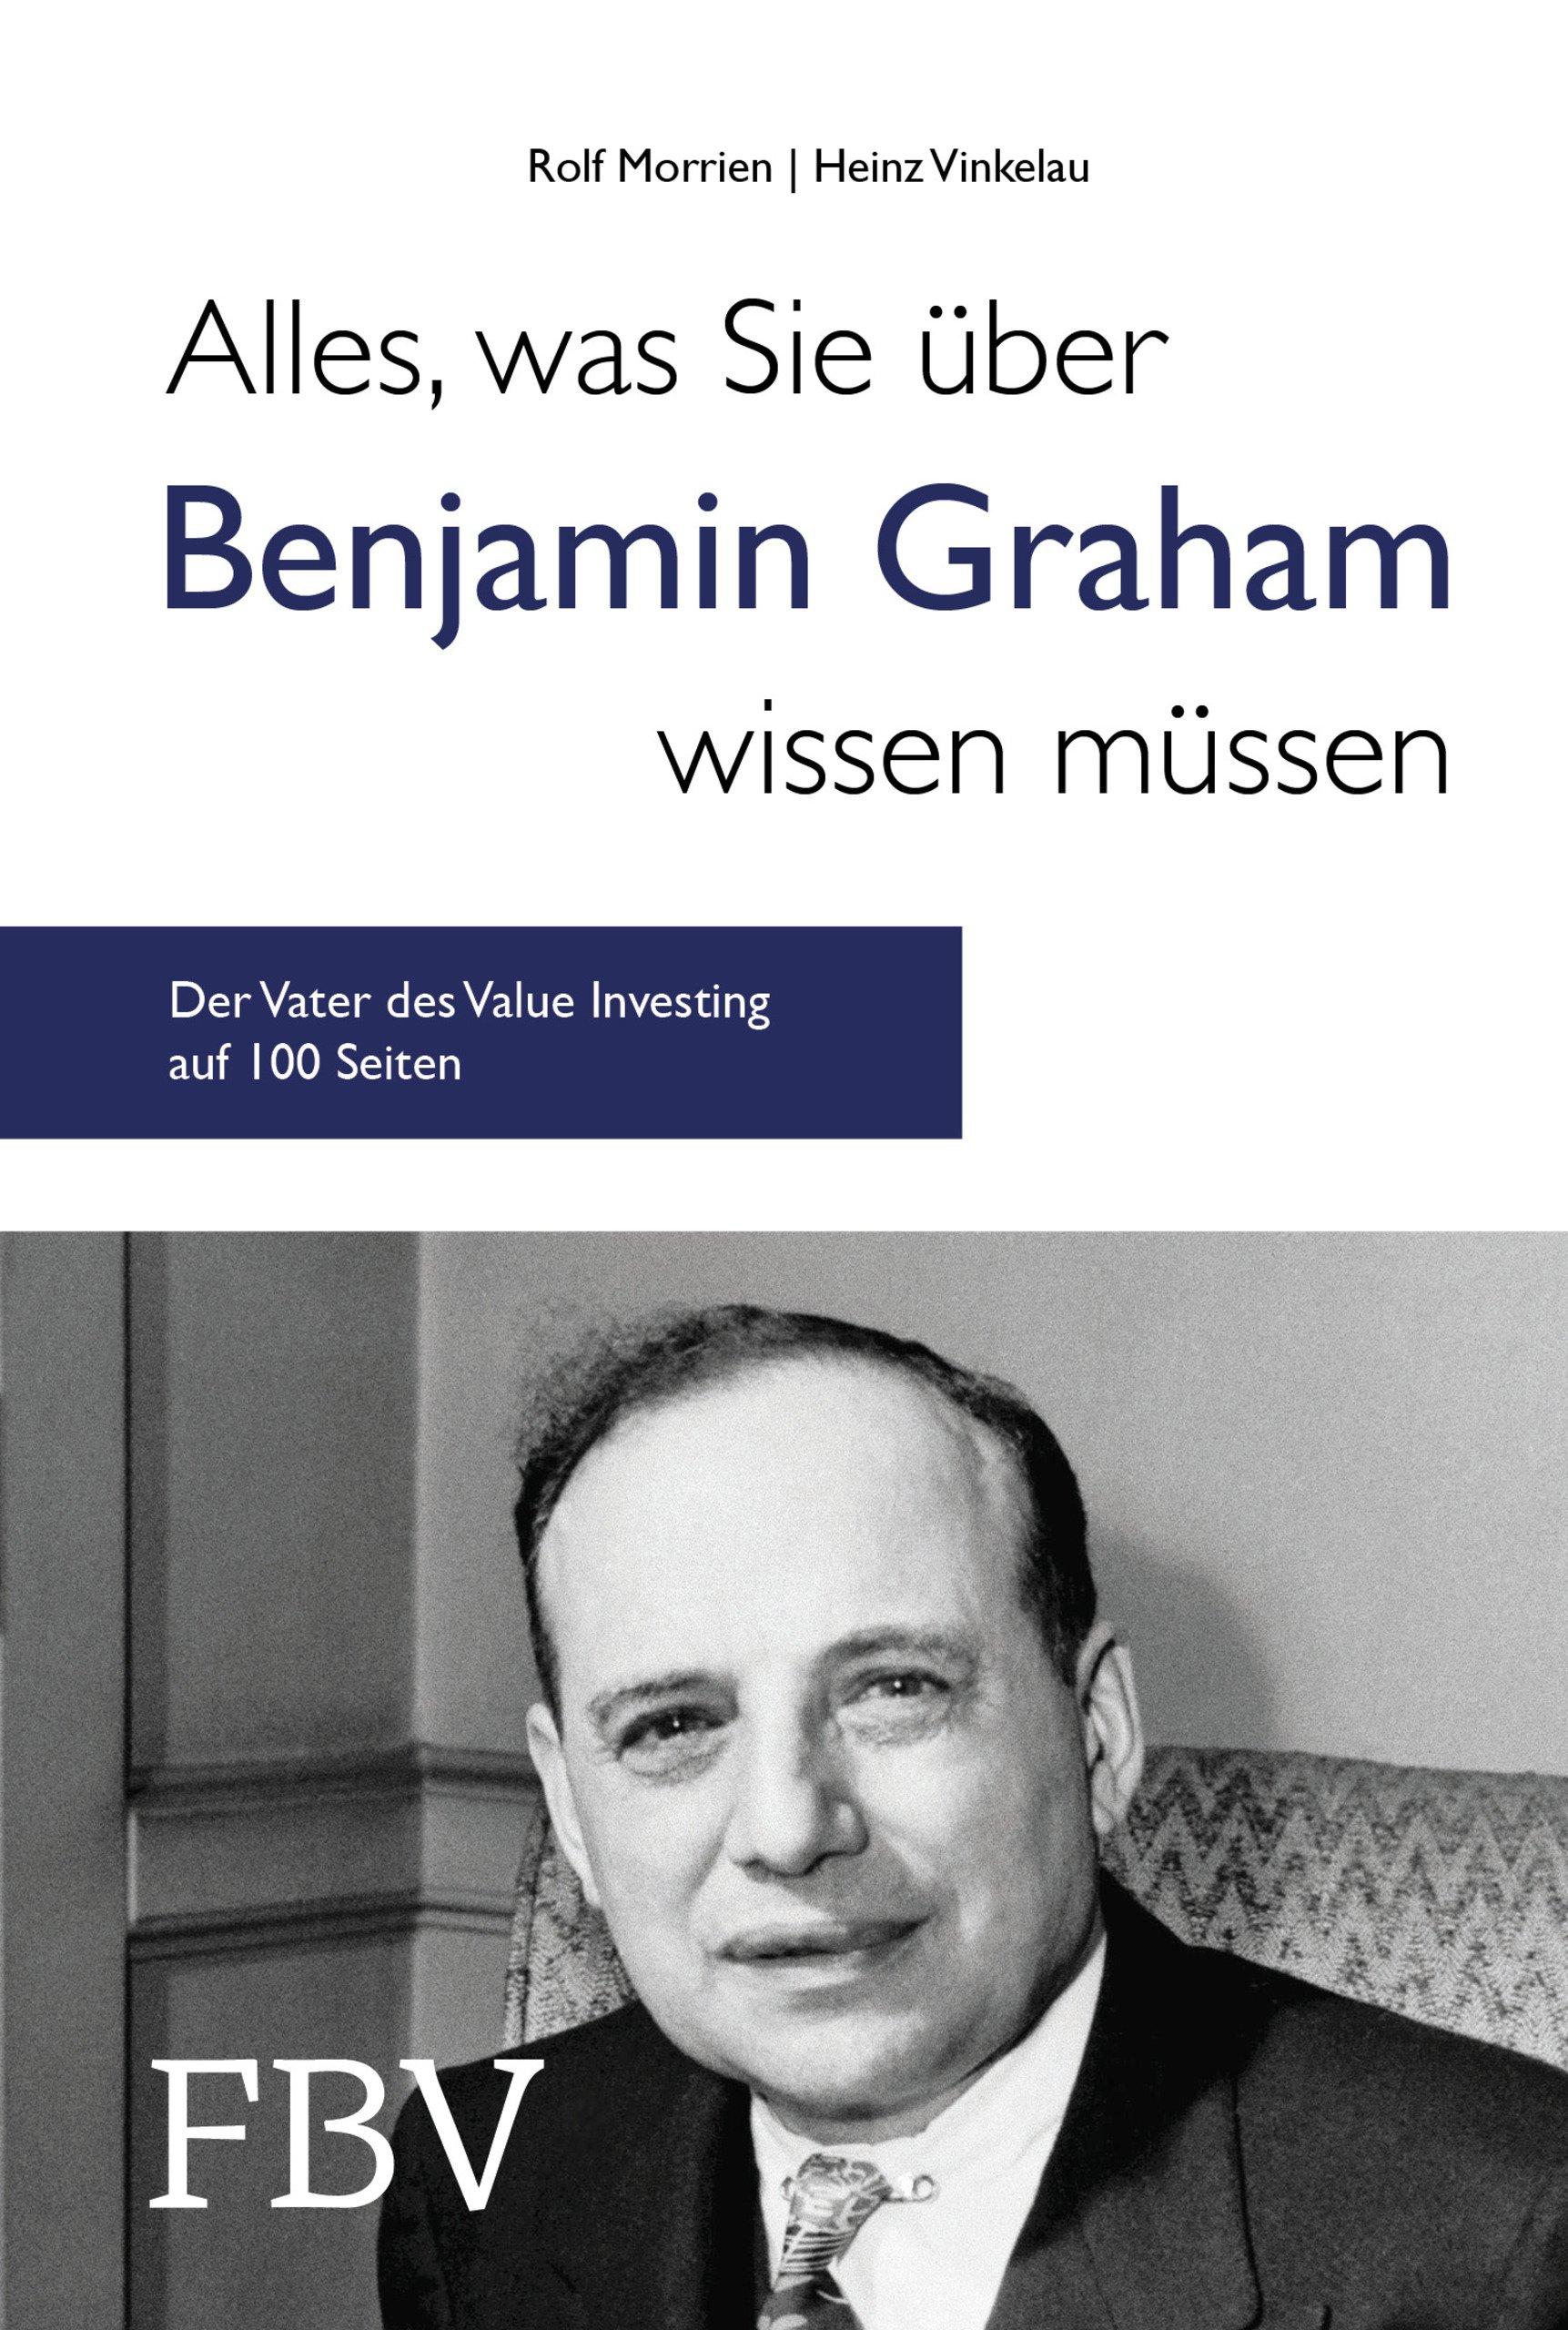 Alles, was Sie über Benjamin Graham wissen müssen: Der Vater des Value Investing auf gerade mal 100 Seiten